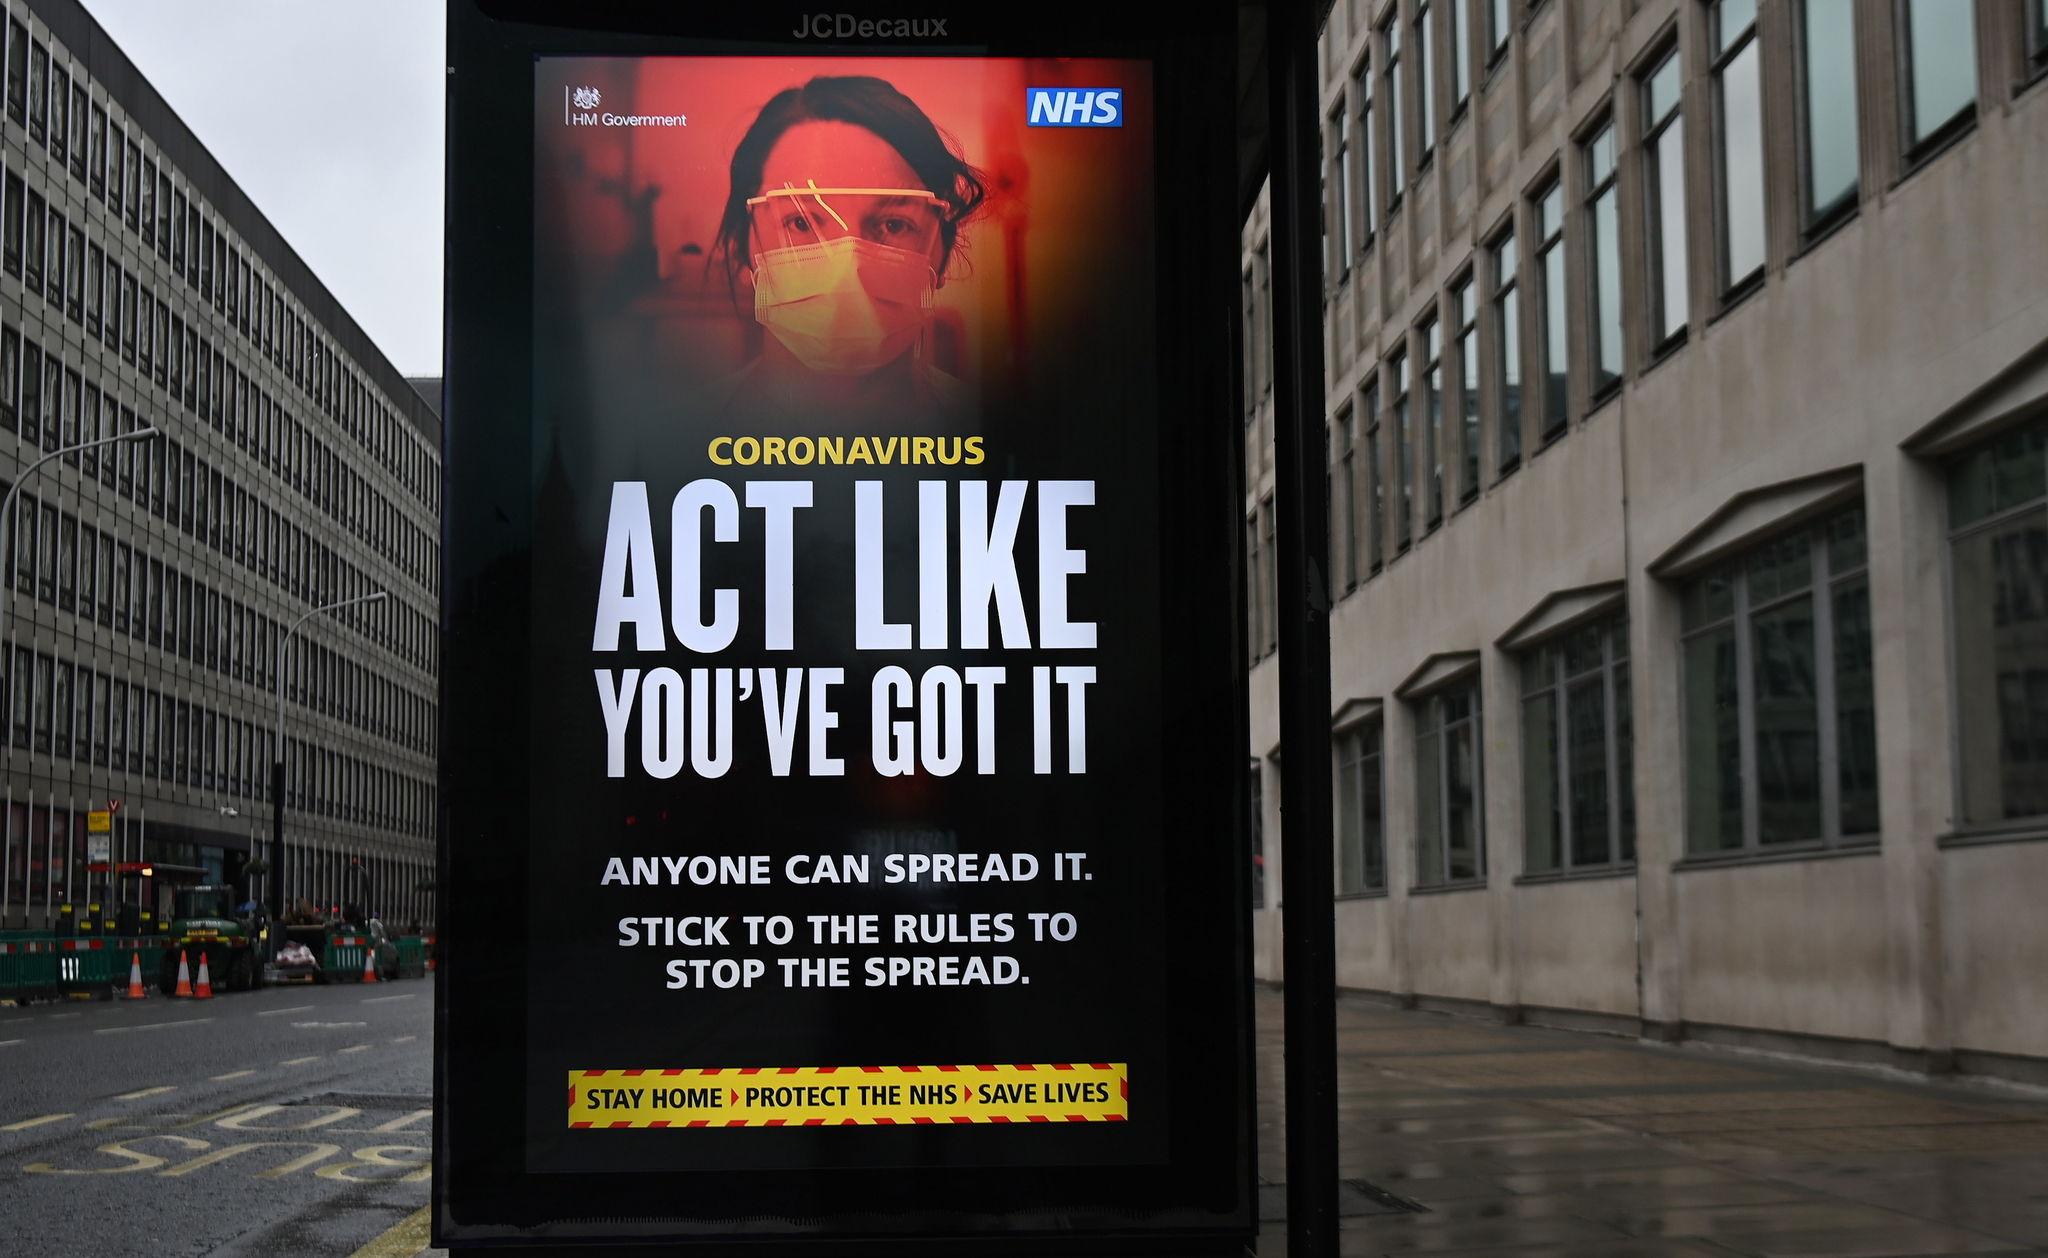 Imagen de una reciente campaña de concienciación del Sistema Nacional de Salud Británico, colocada en una calle de Londres.